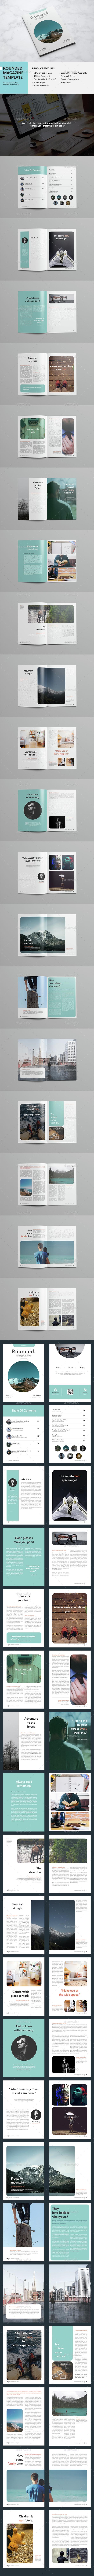 Rounded Magazine - Magazines Print Templates